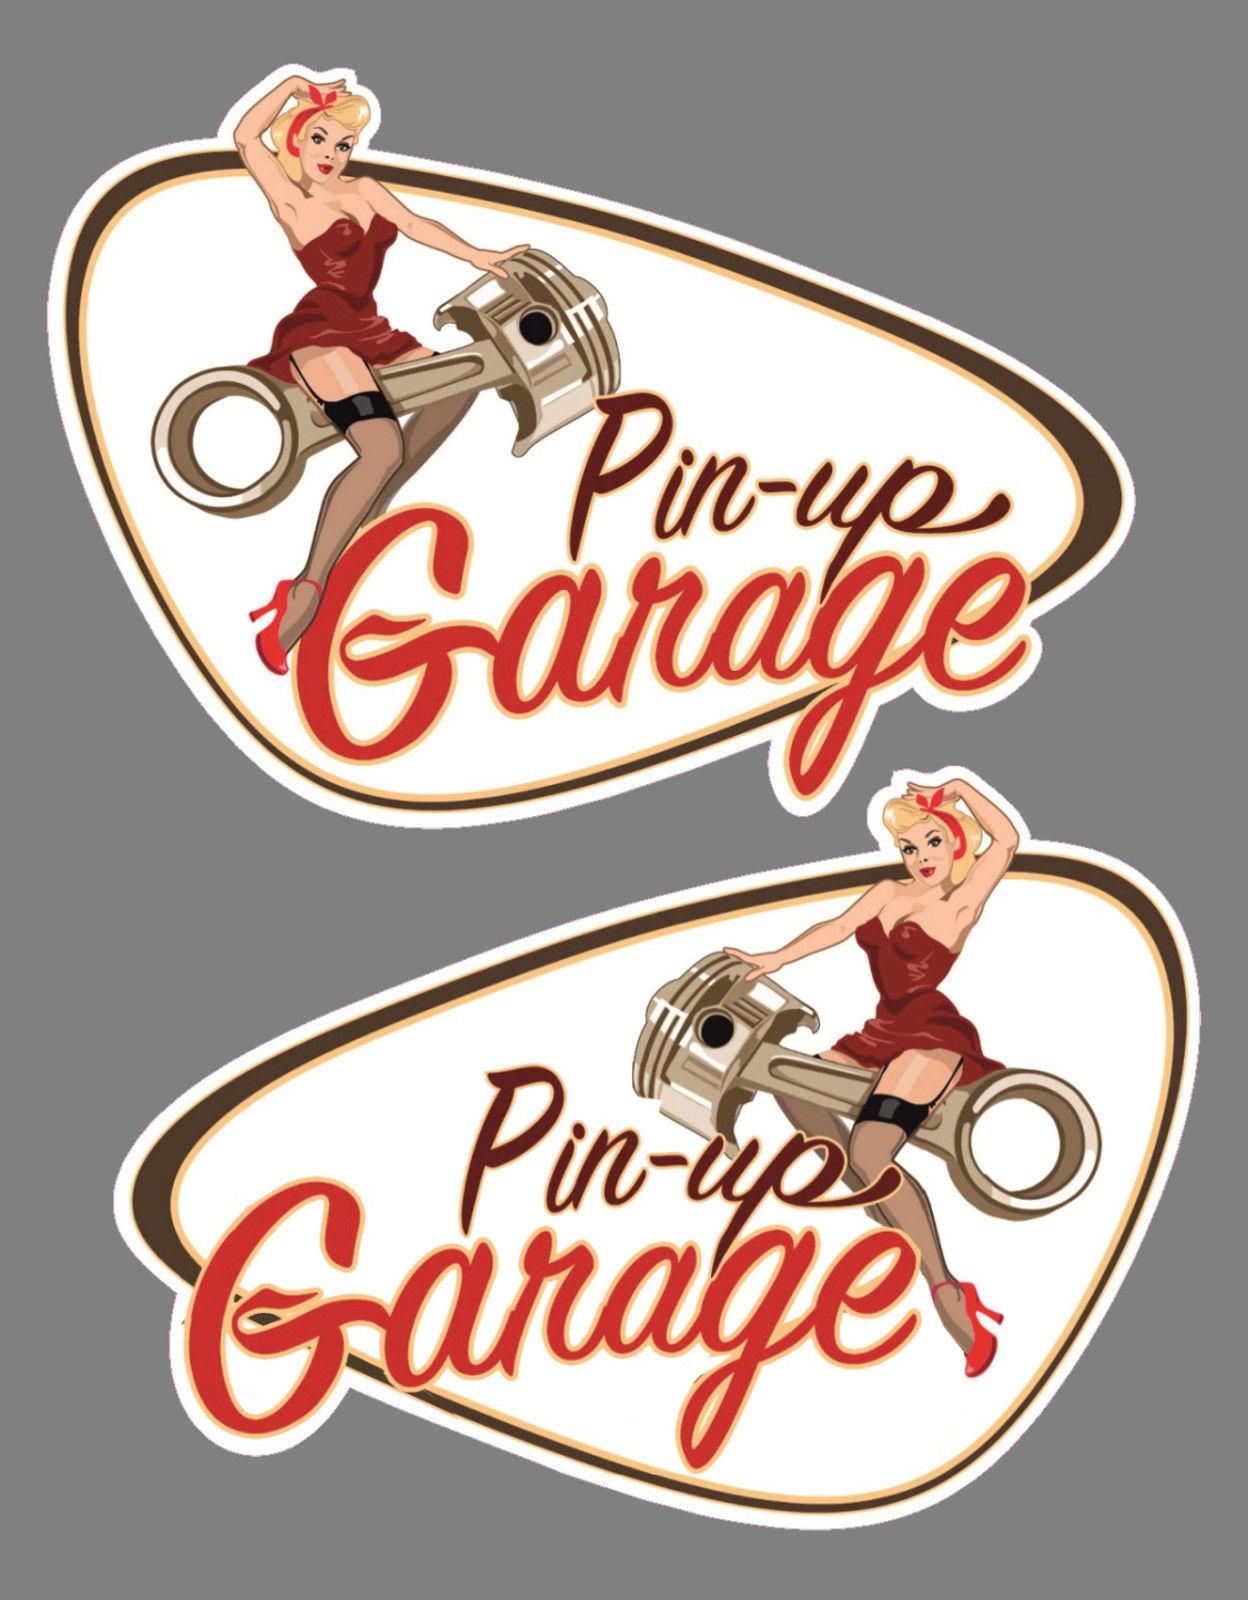 Набор Li + re Pin up старые школьные наклейки для гаража Bobber Cafe Racer Retro #8